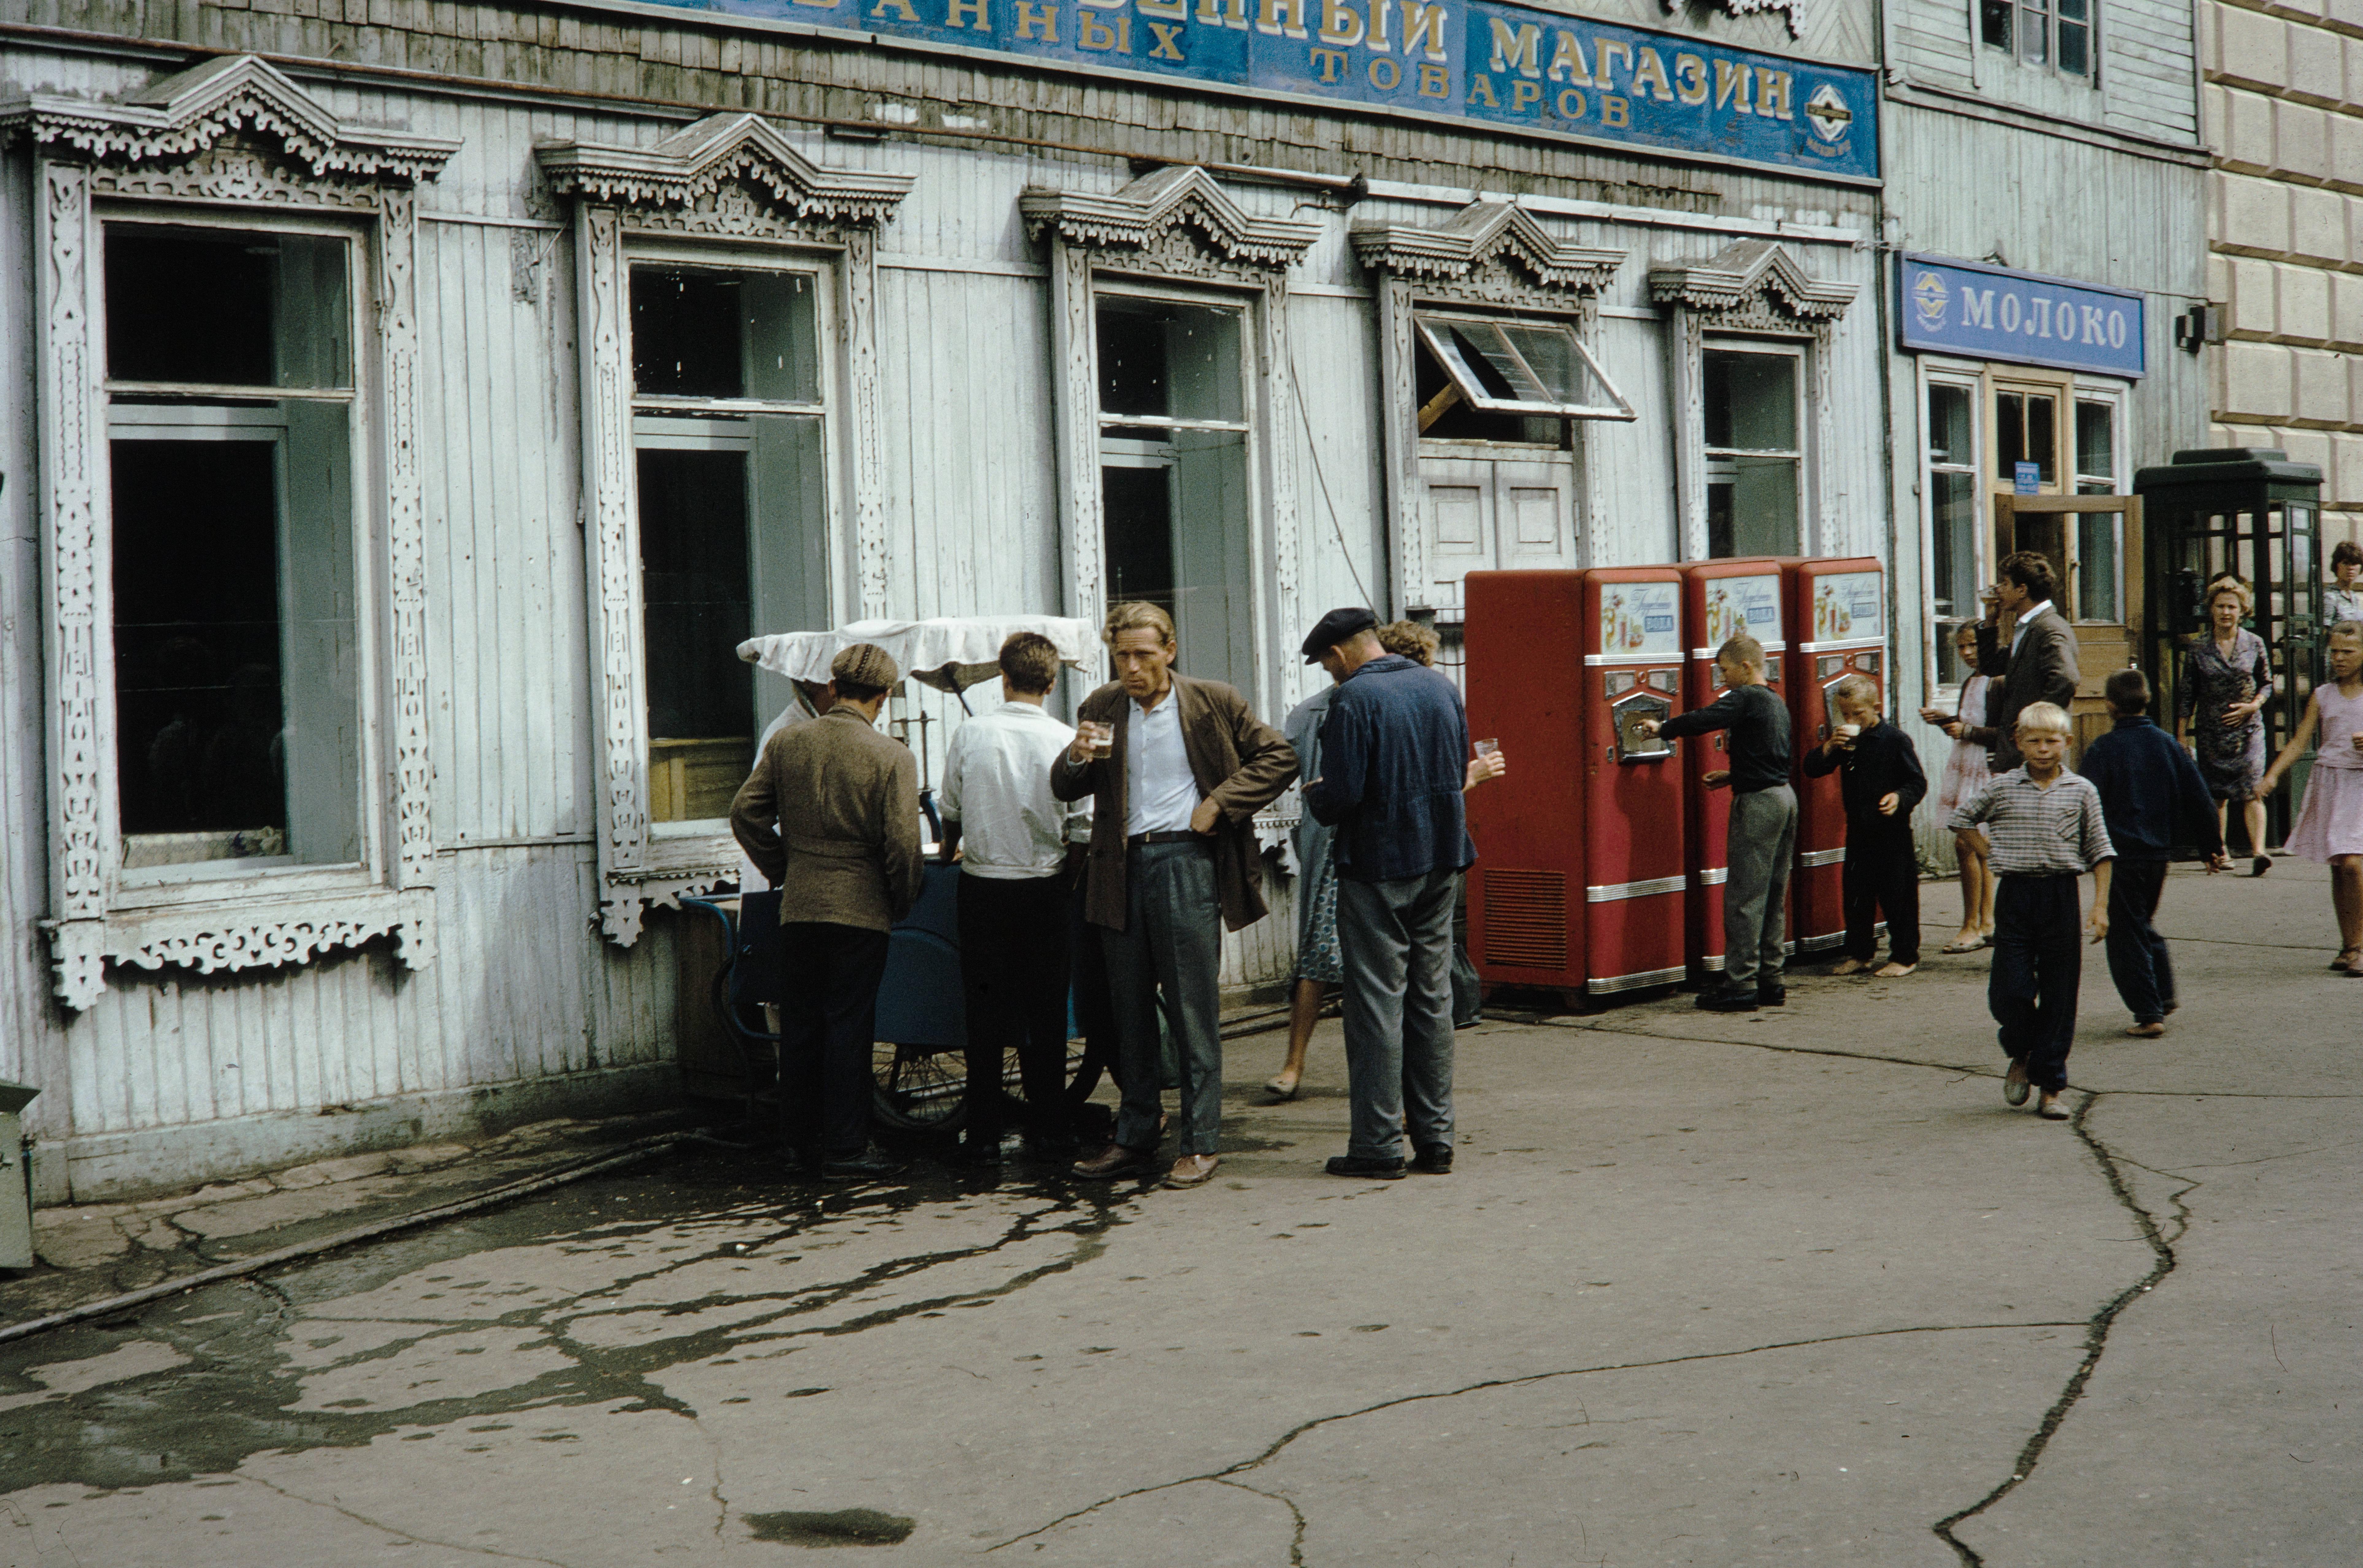 Гастроном на углу улиц К.Маркса и Шеронова